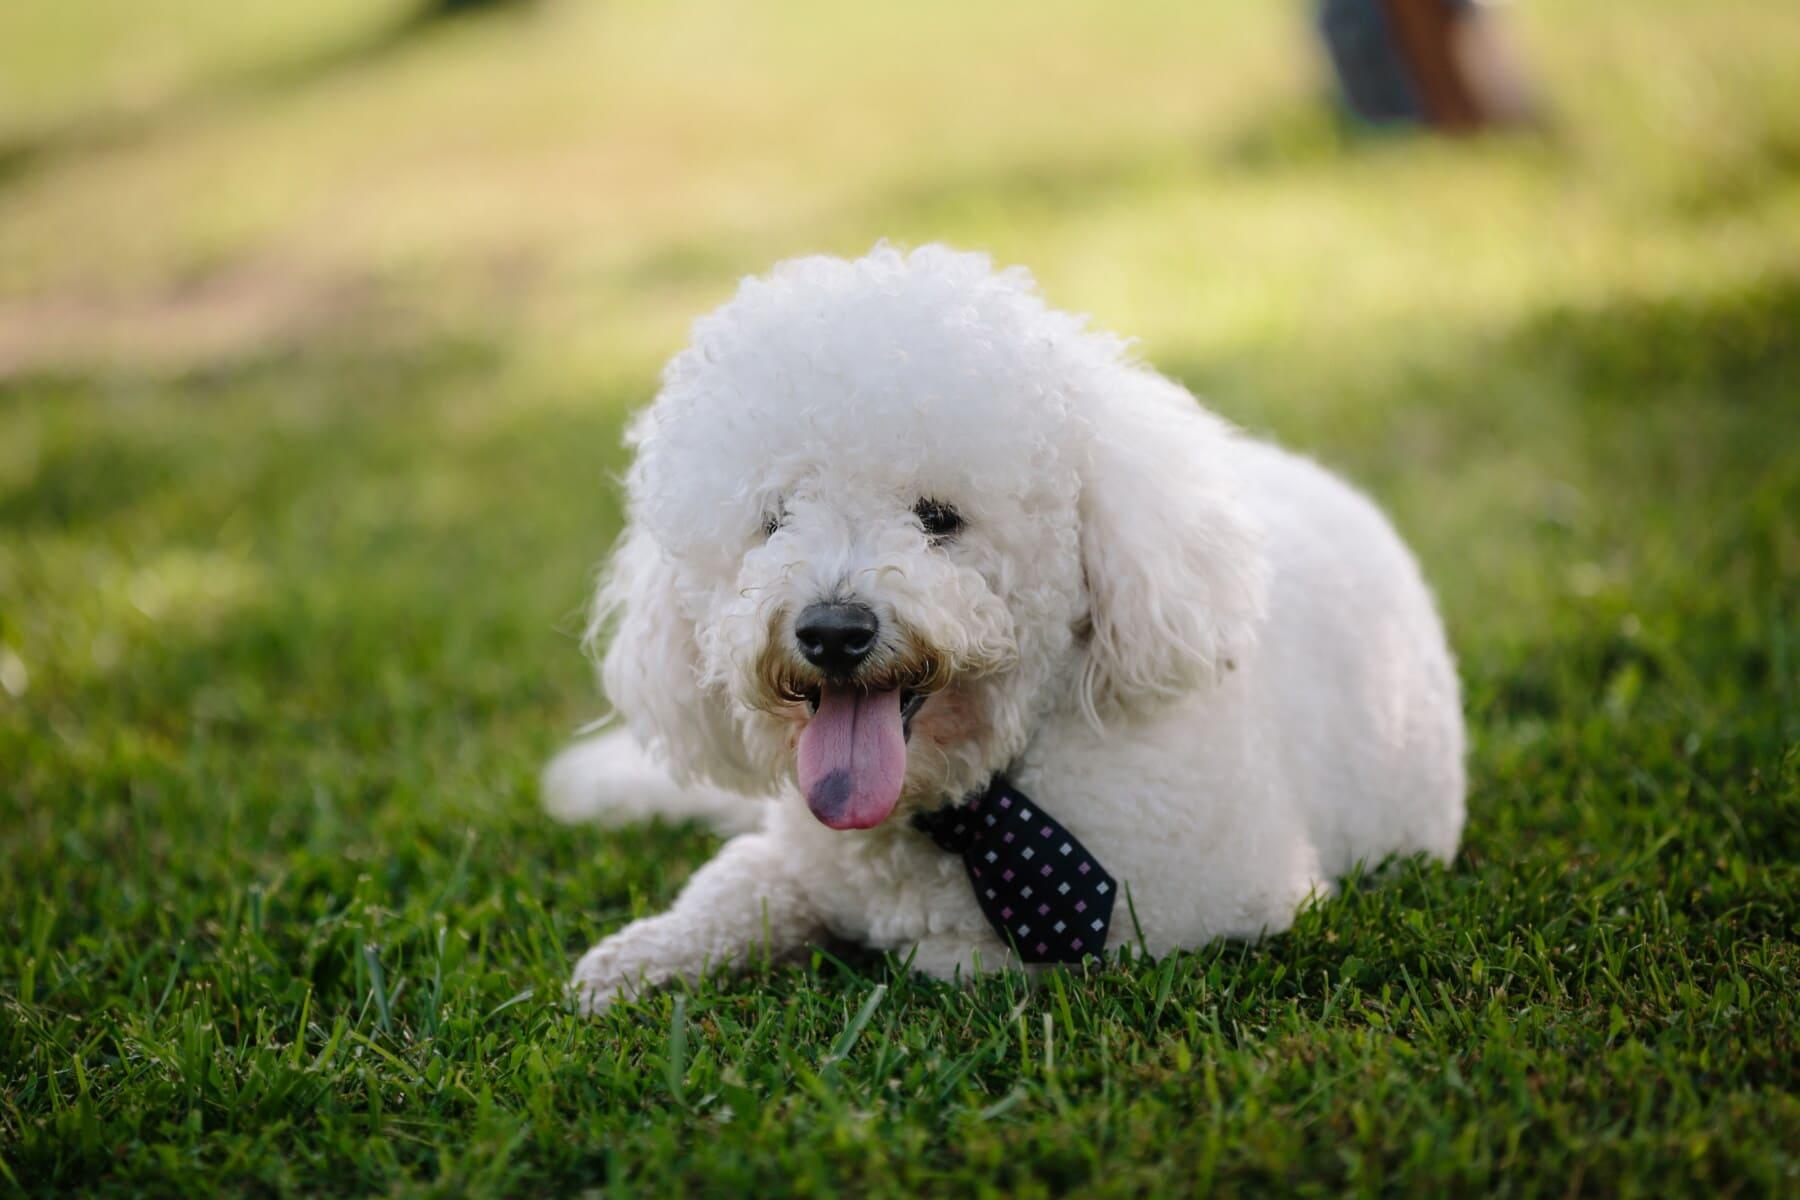 Hund, liebenswert, Kragen, elegant, Krawatte, Lust auf, trendy, Stil, weiß, reinrassig